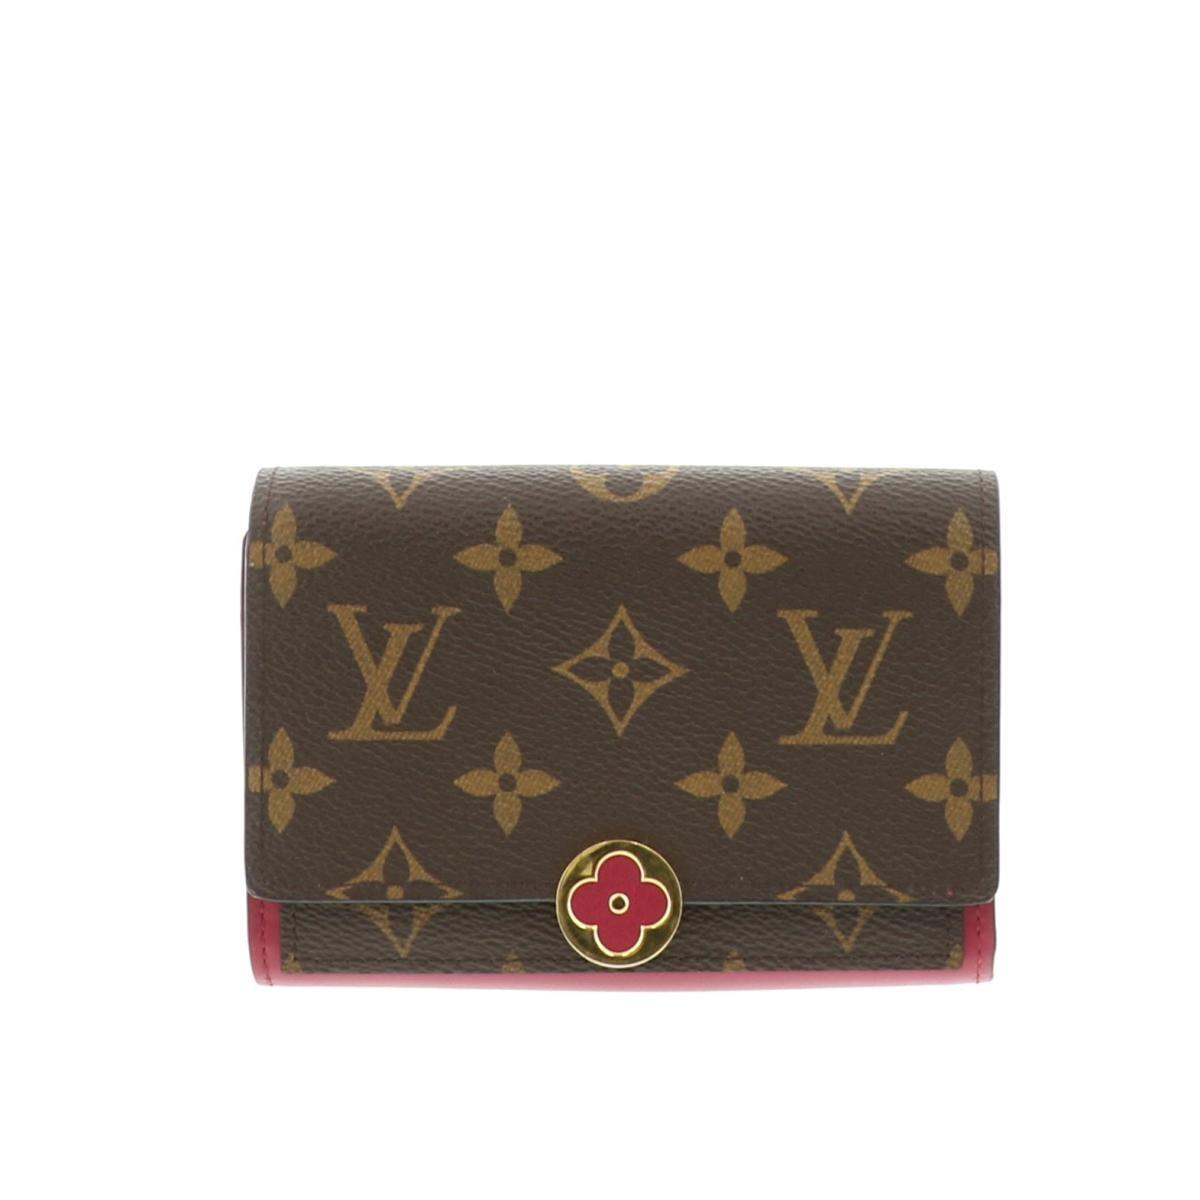 【中古】LOUIS VUITTON (ルイヴィトン) ポルトフォイユ・フロールコンパクト 財布 二つ折り財布(小銭入有) MonogramCanvas/Coquelicot Brown/ブラウン M64587 used:B